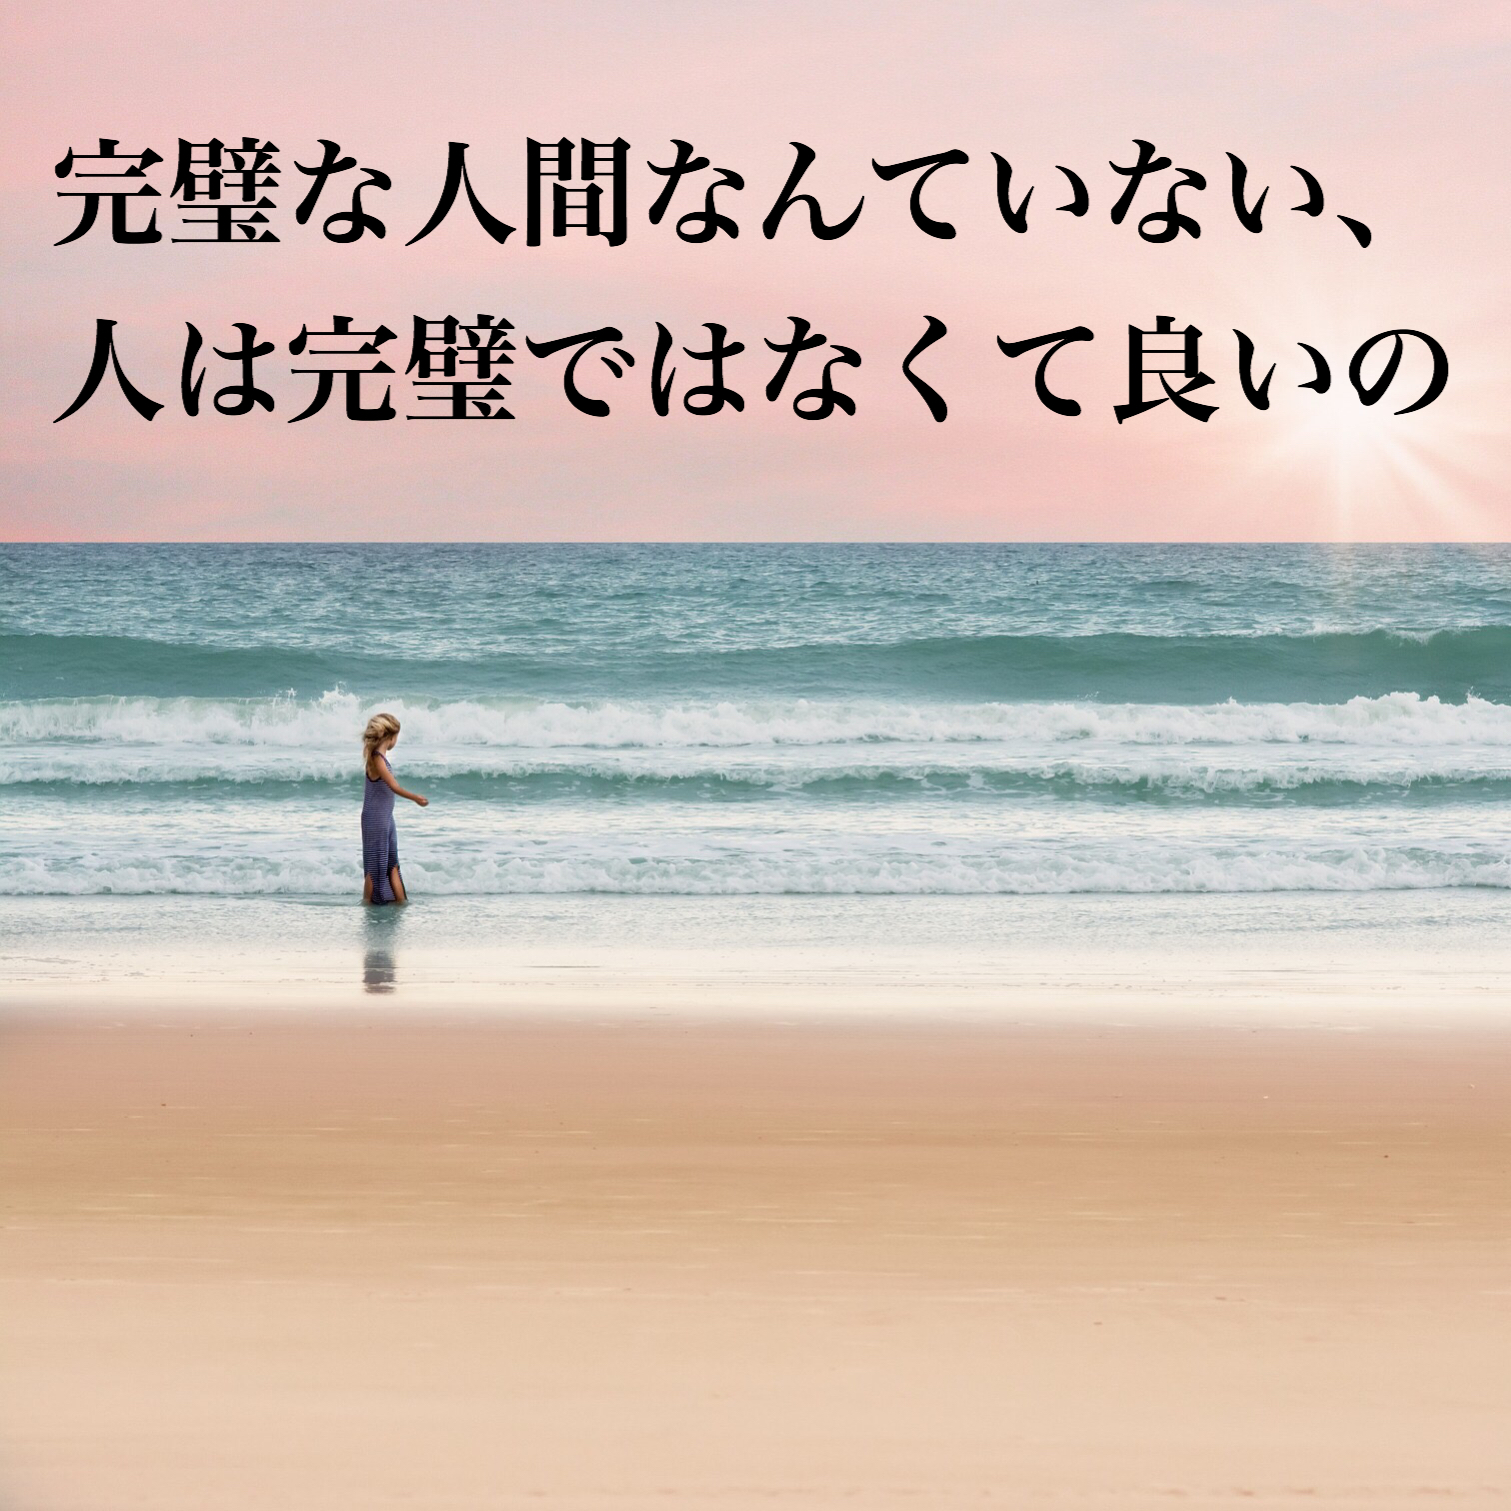 完璧な人間なんていない、人は完璧ではなくて良いの